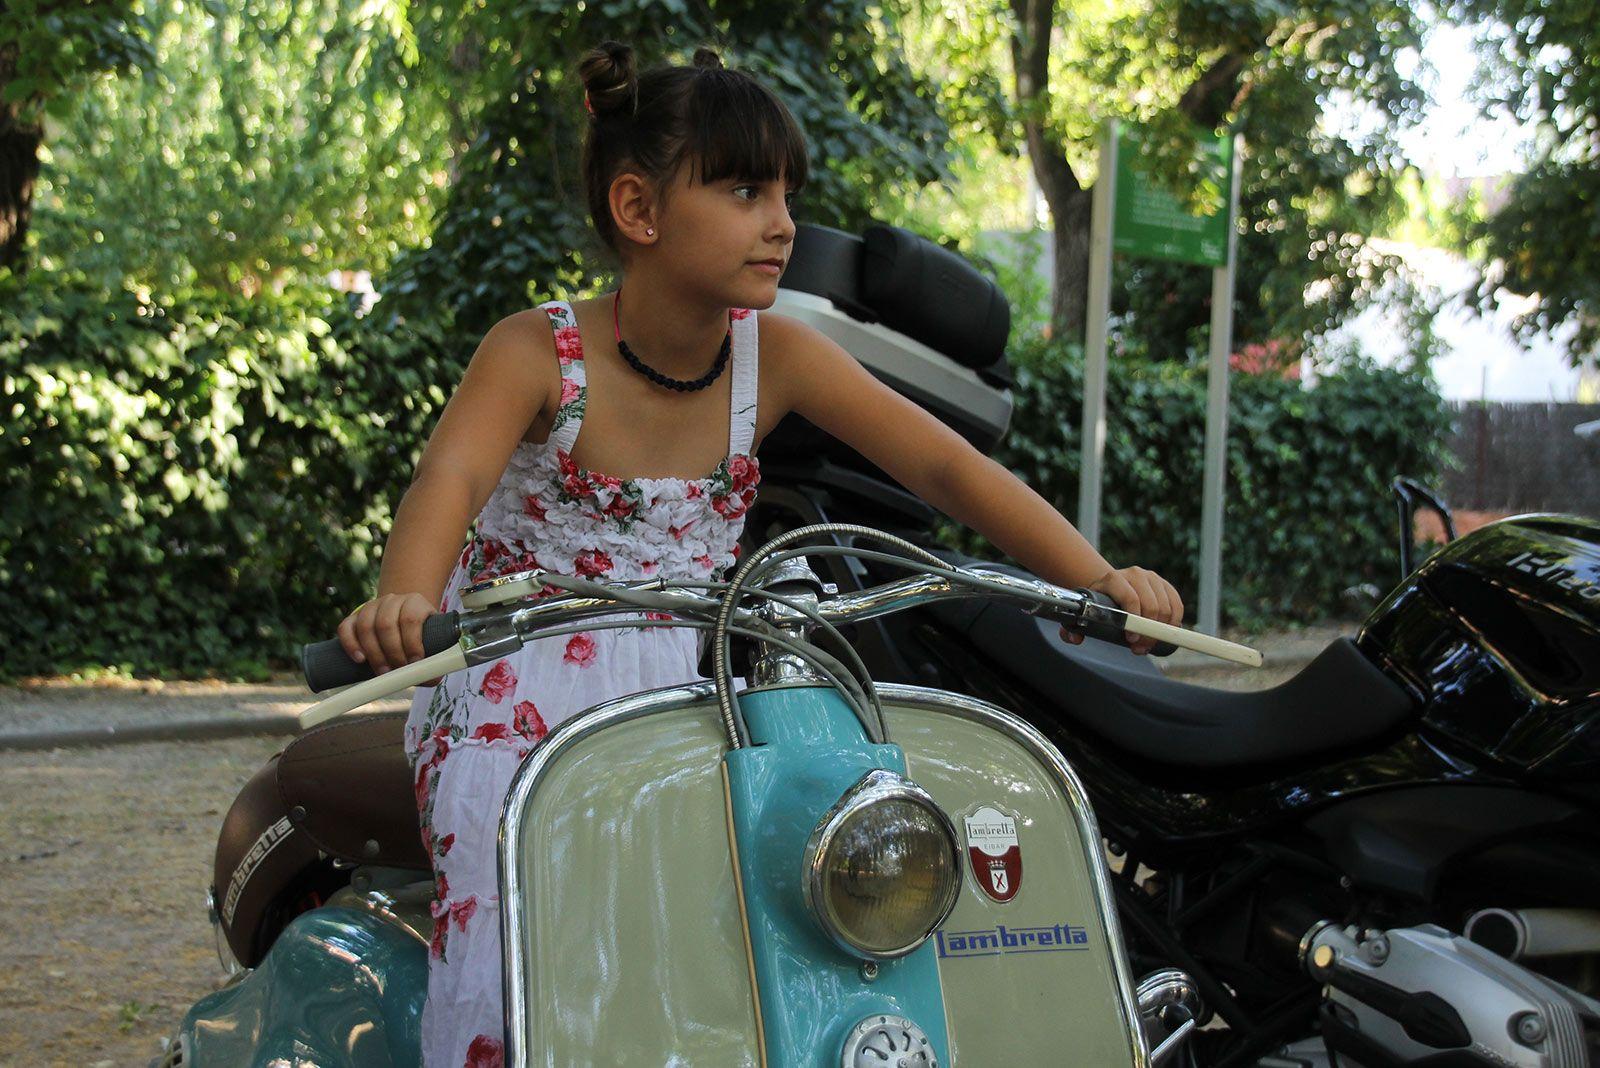 XVI Concentració i passejada de motos. FOTO: Paula Galván